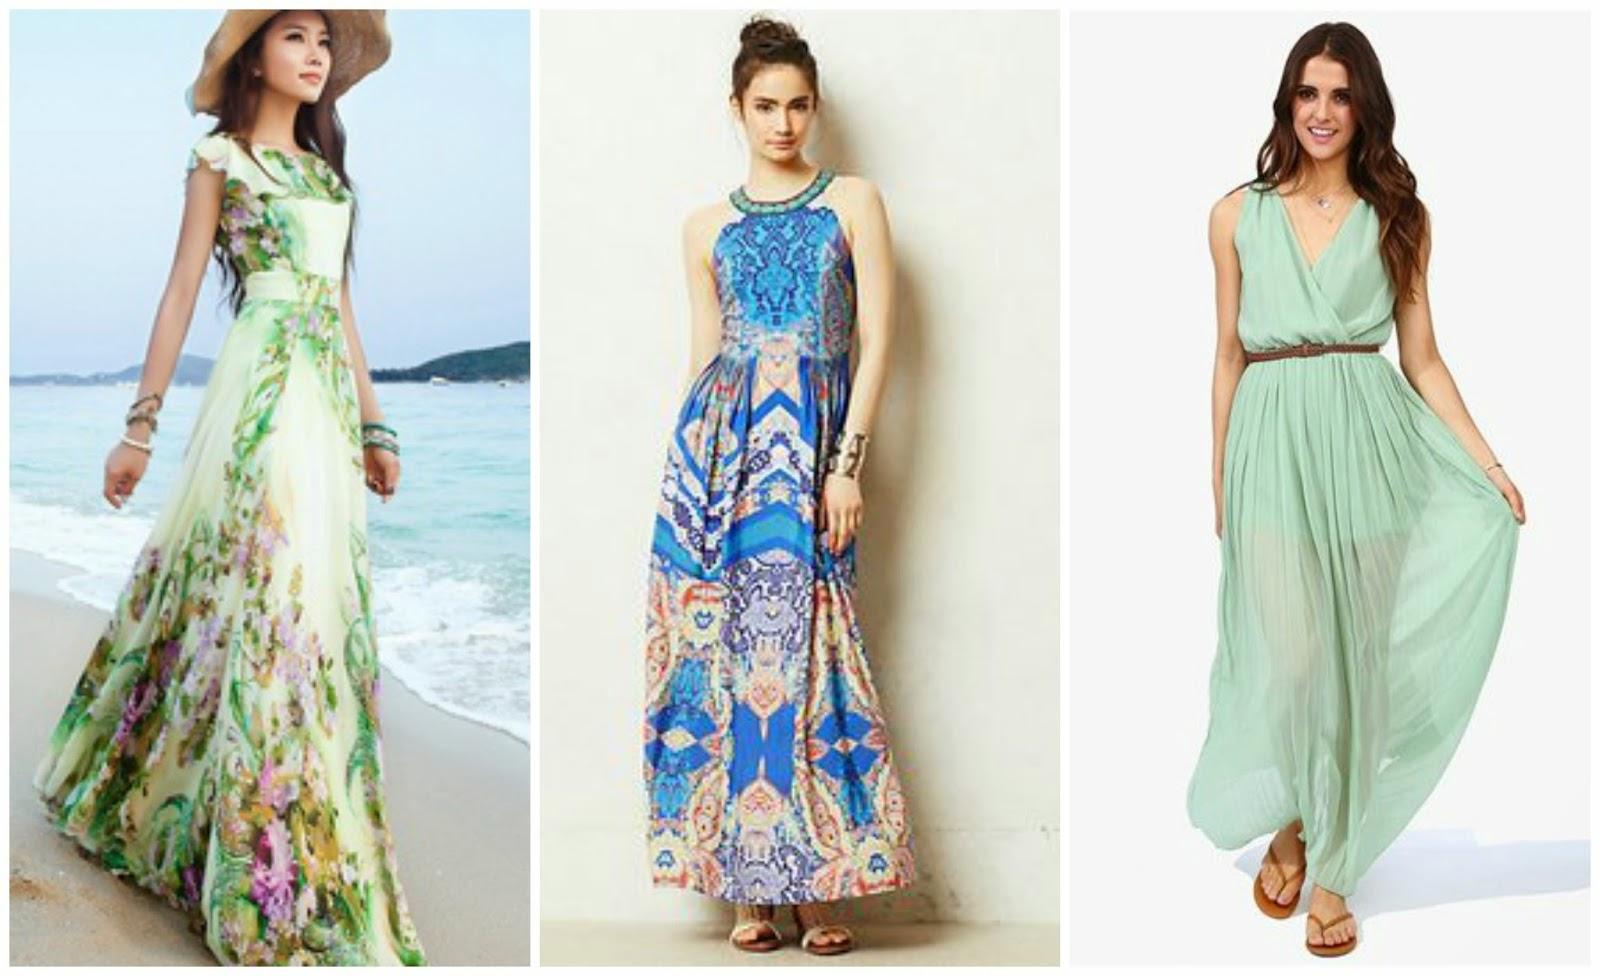 Matrimonio Spiaggia Come Vestirsi : Le nozze di livia wedding guest il look della perfetta